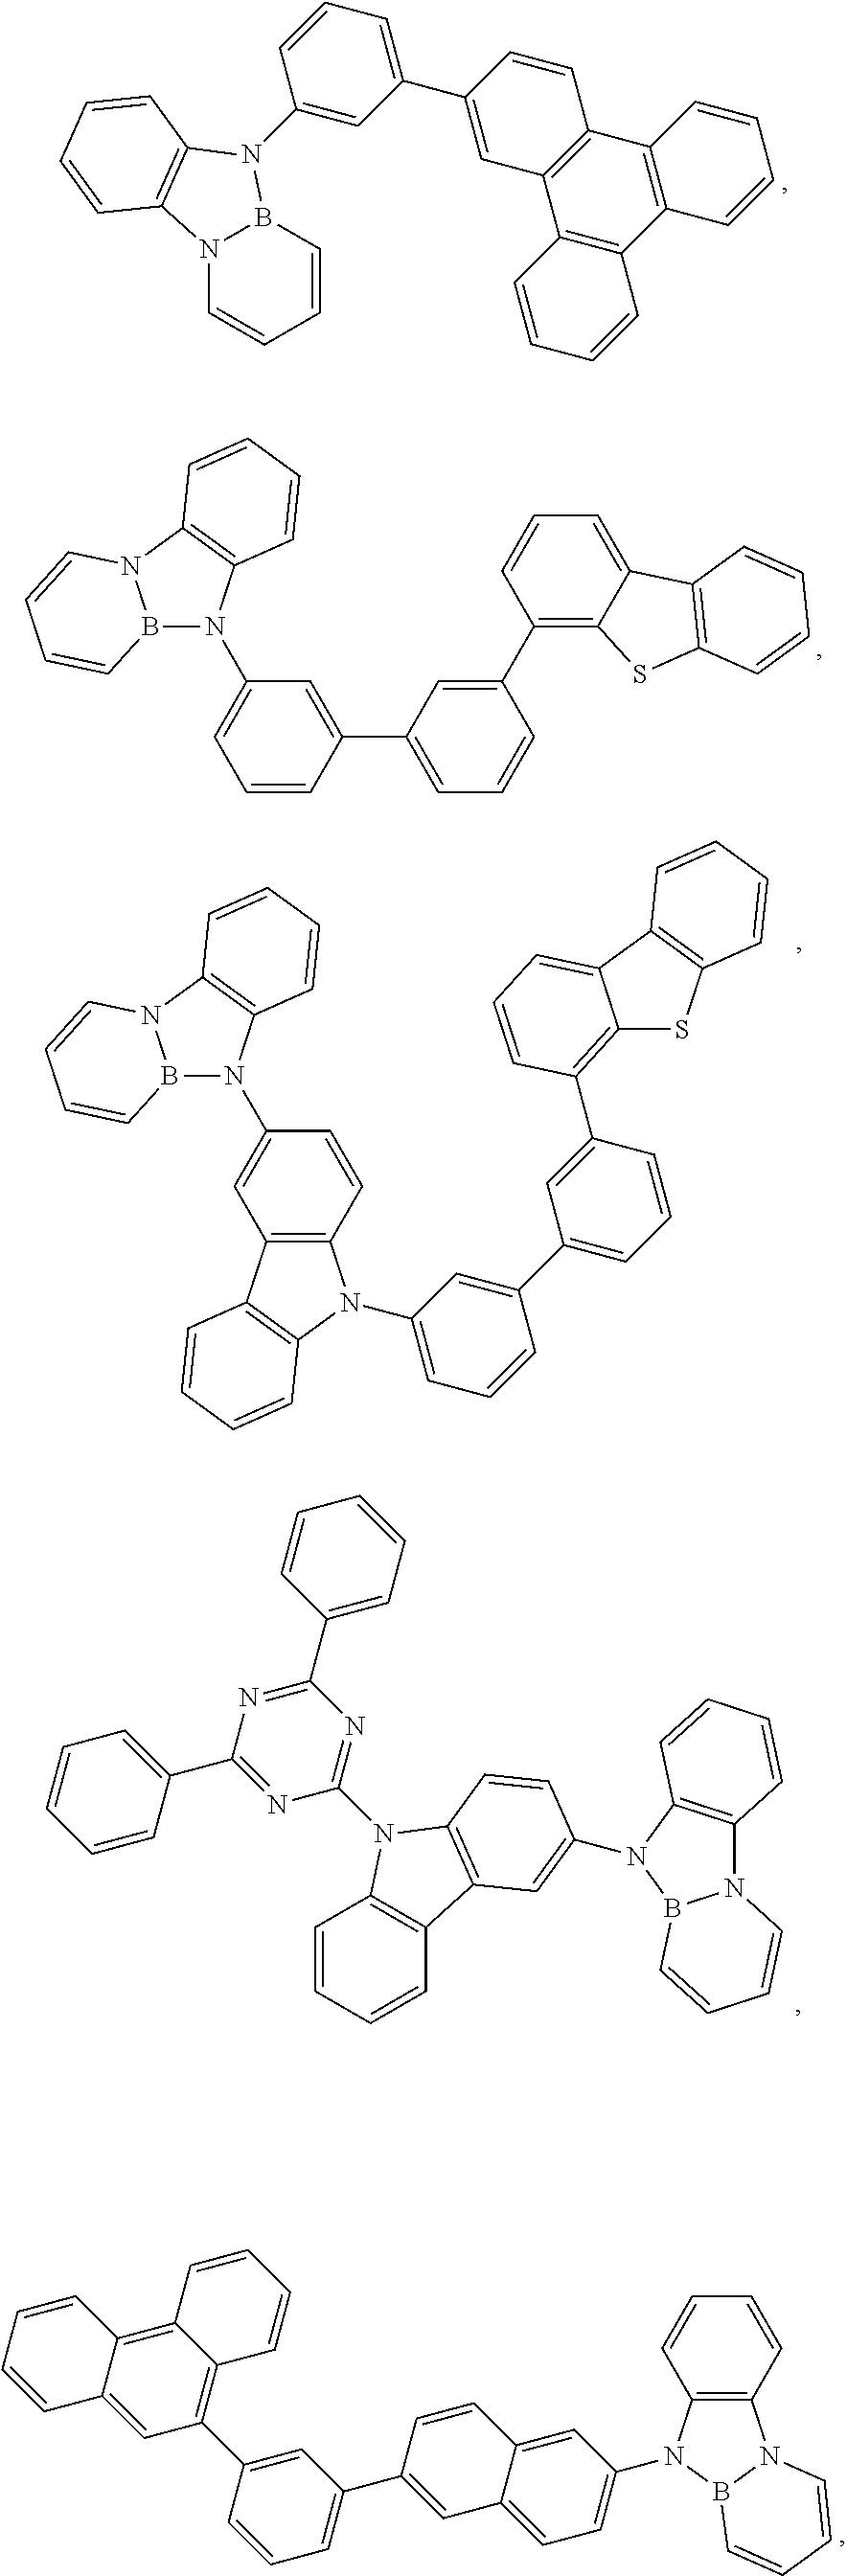 Figure US09287513-20160315-C00260